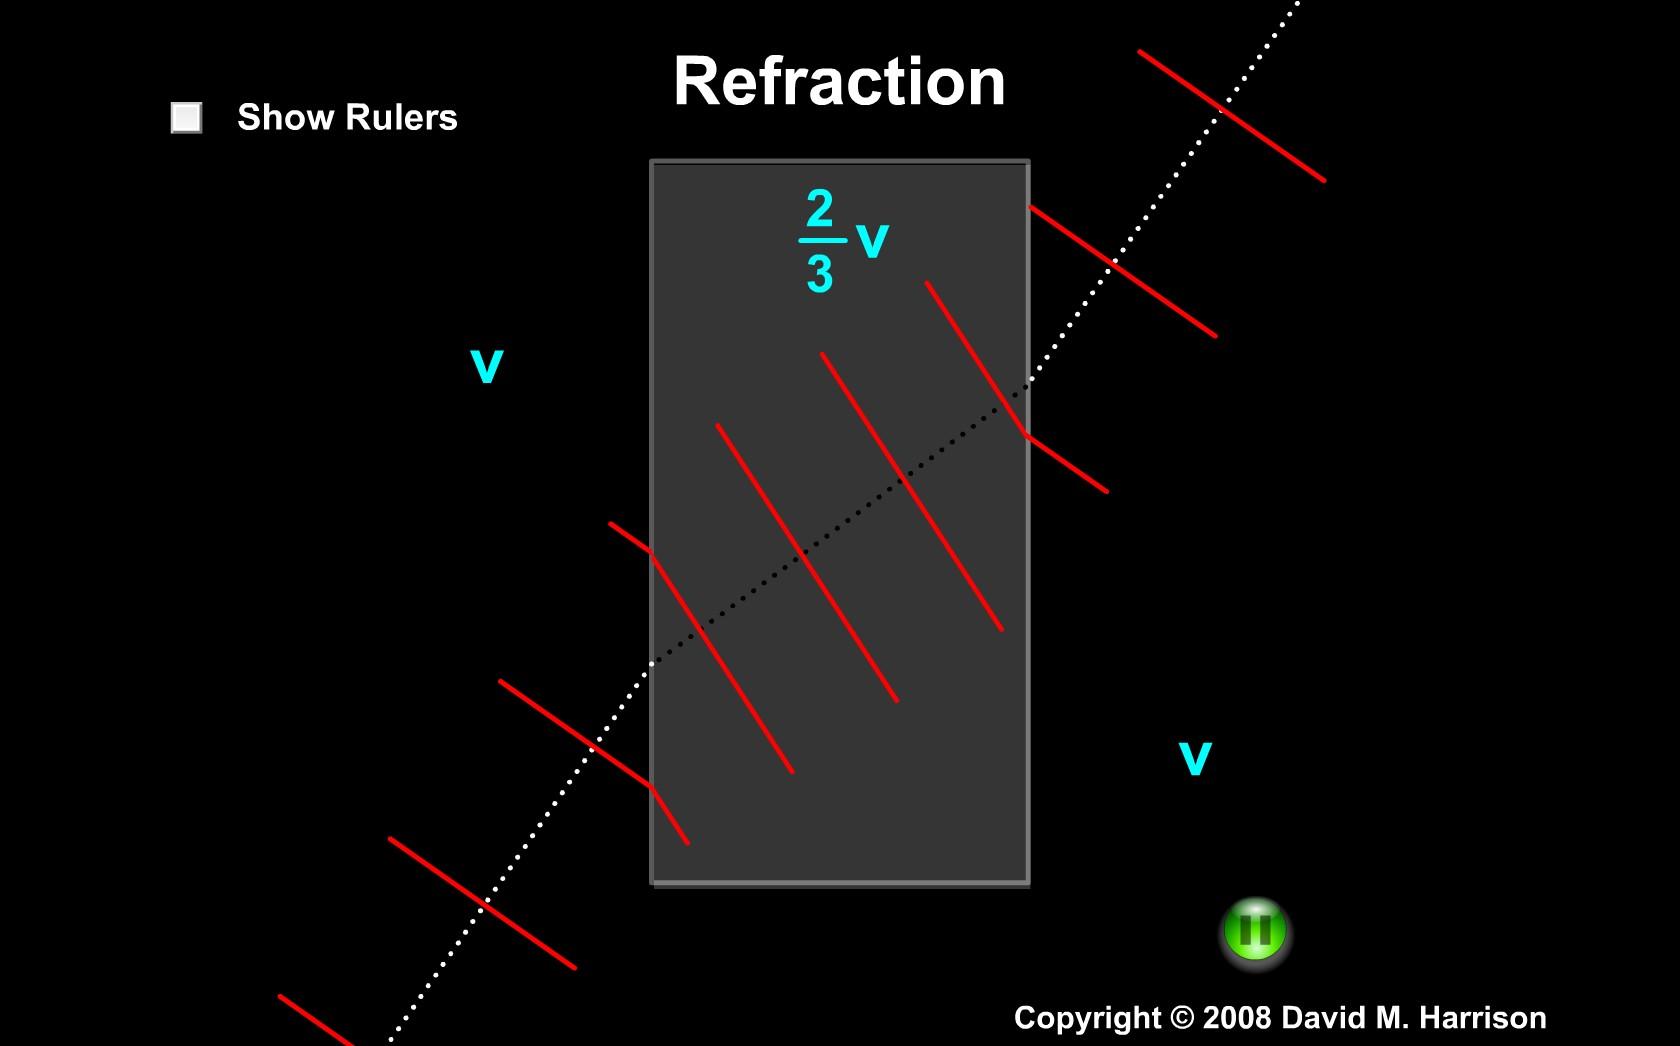 Refracţia se produce datorită propagării cu viteze diferite în medii diferite.